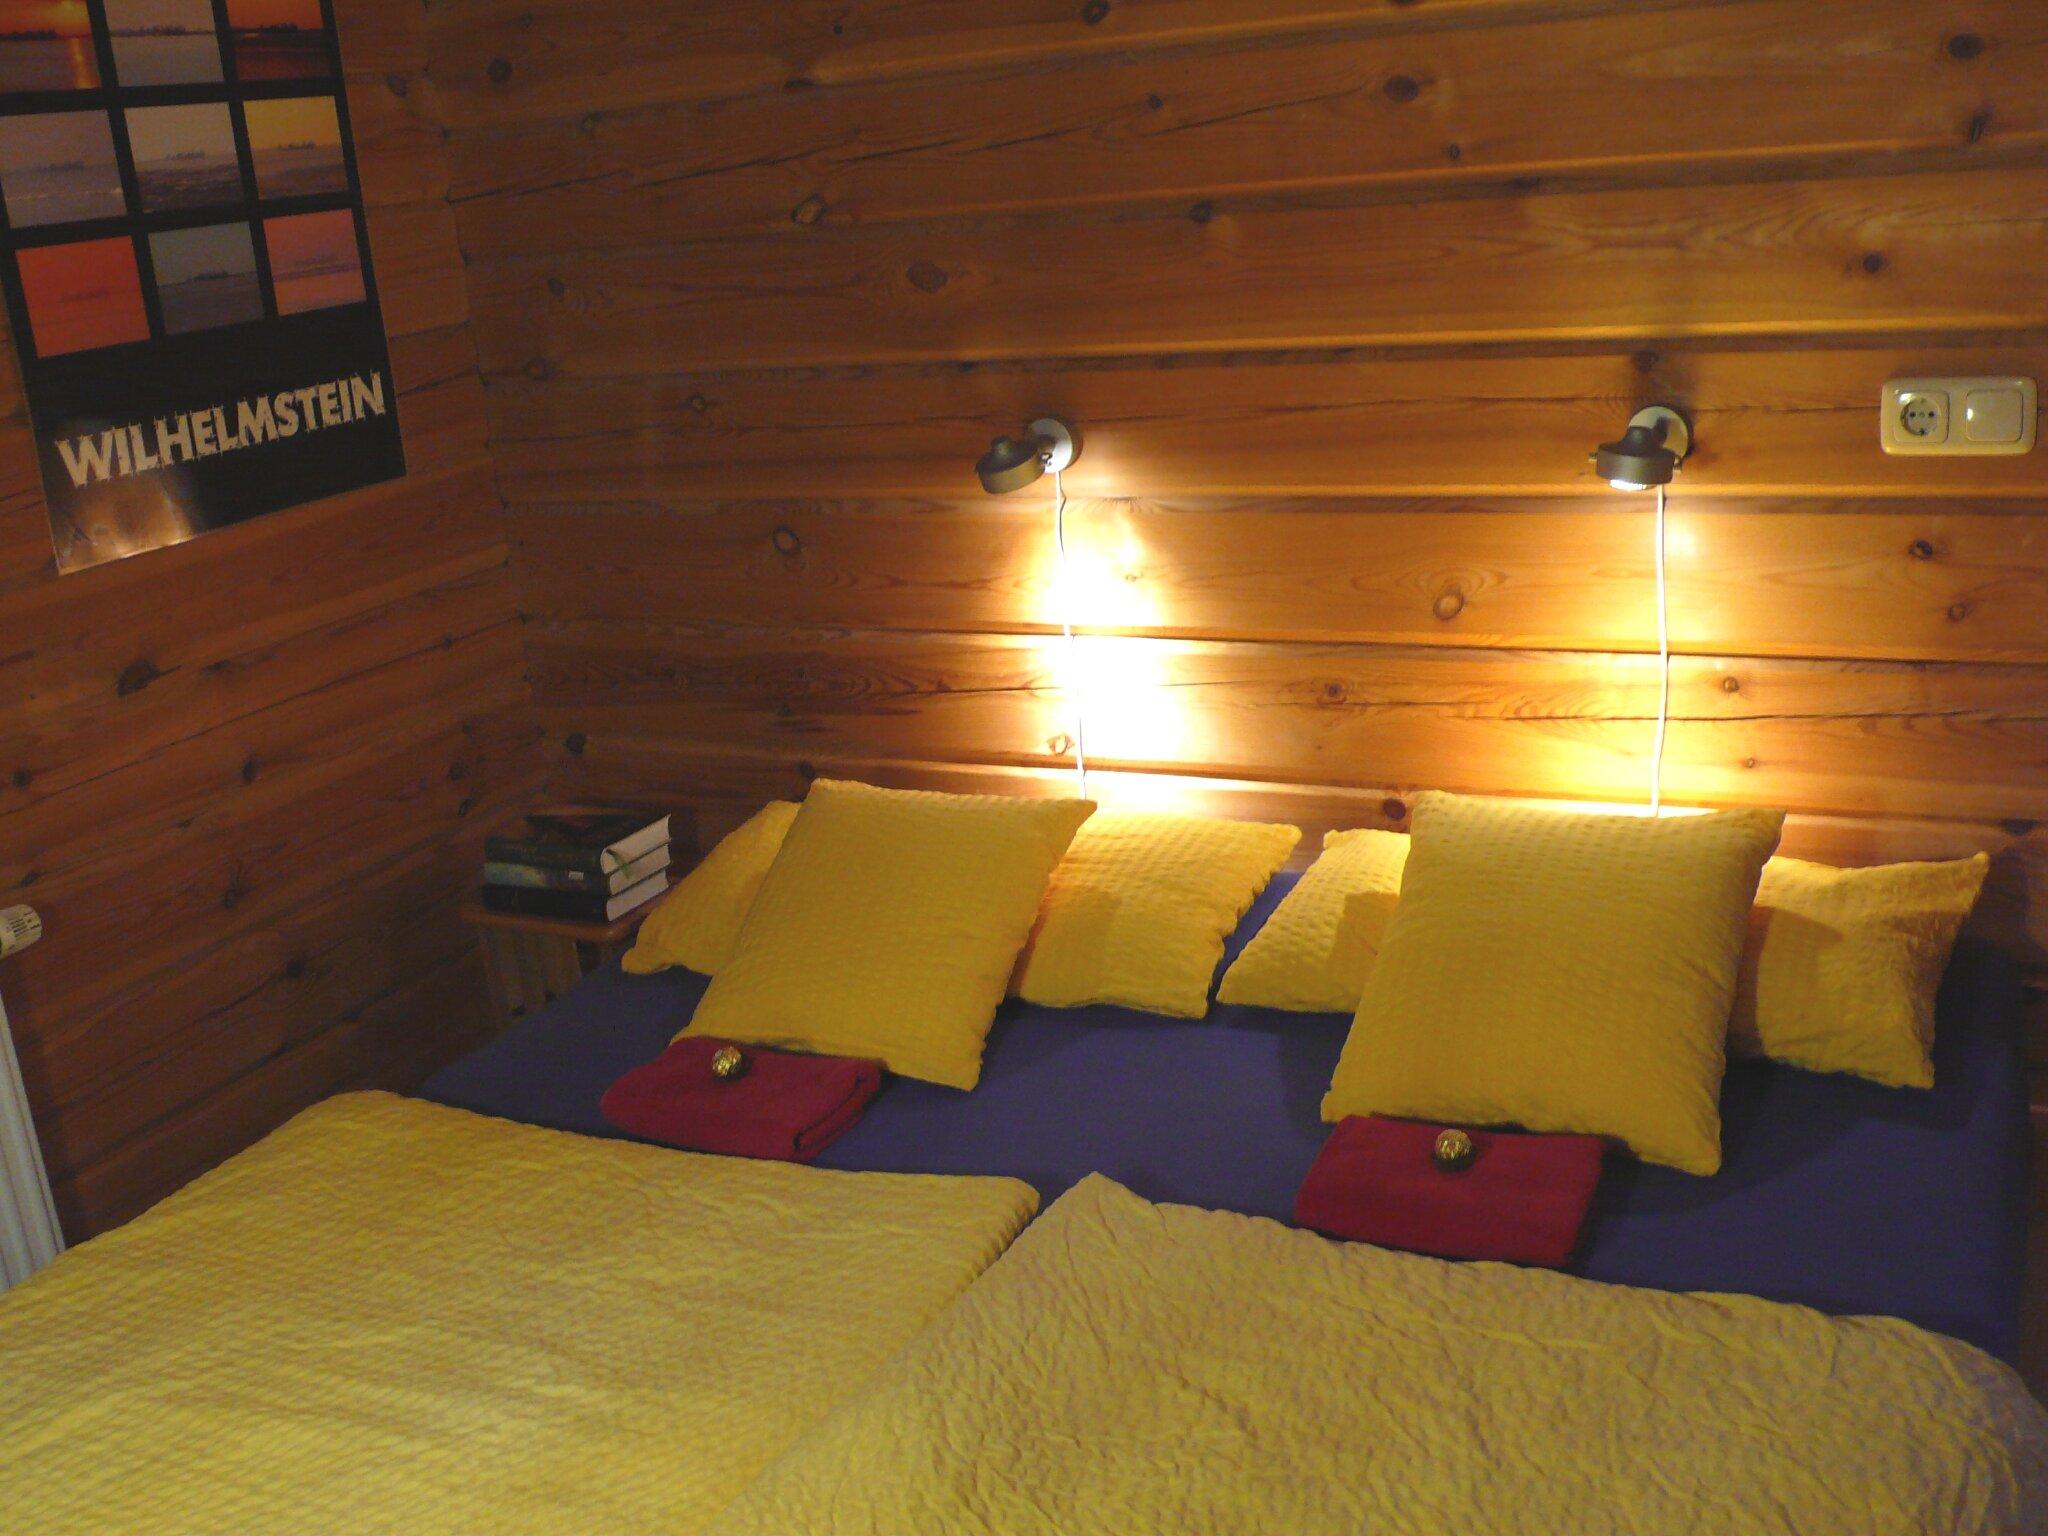 Terrasse bietet Platz für 4 Personen